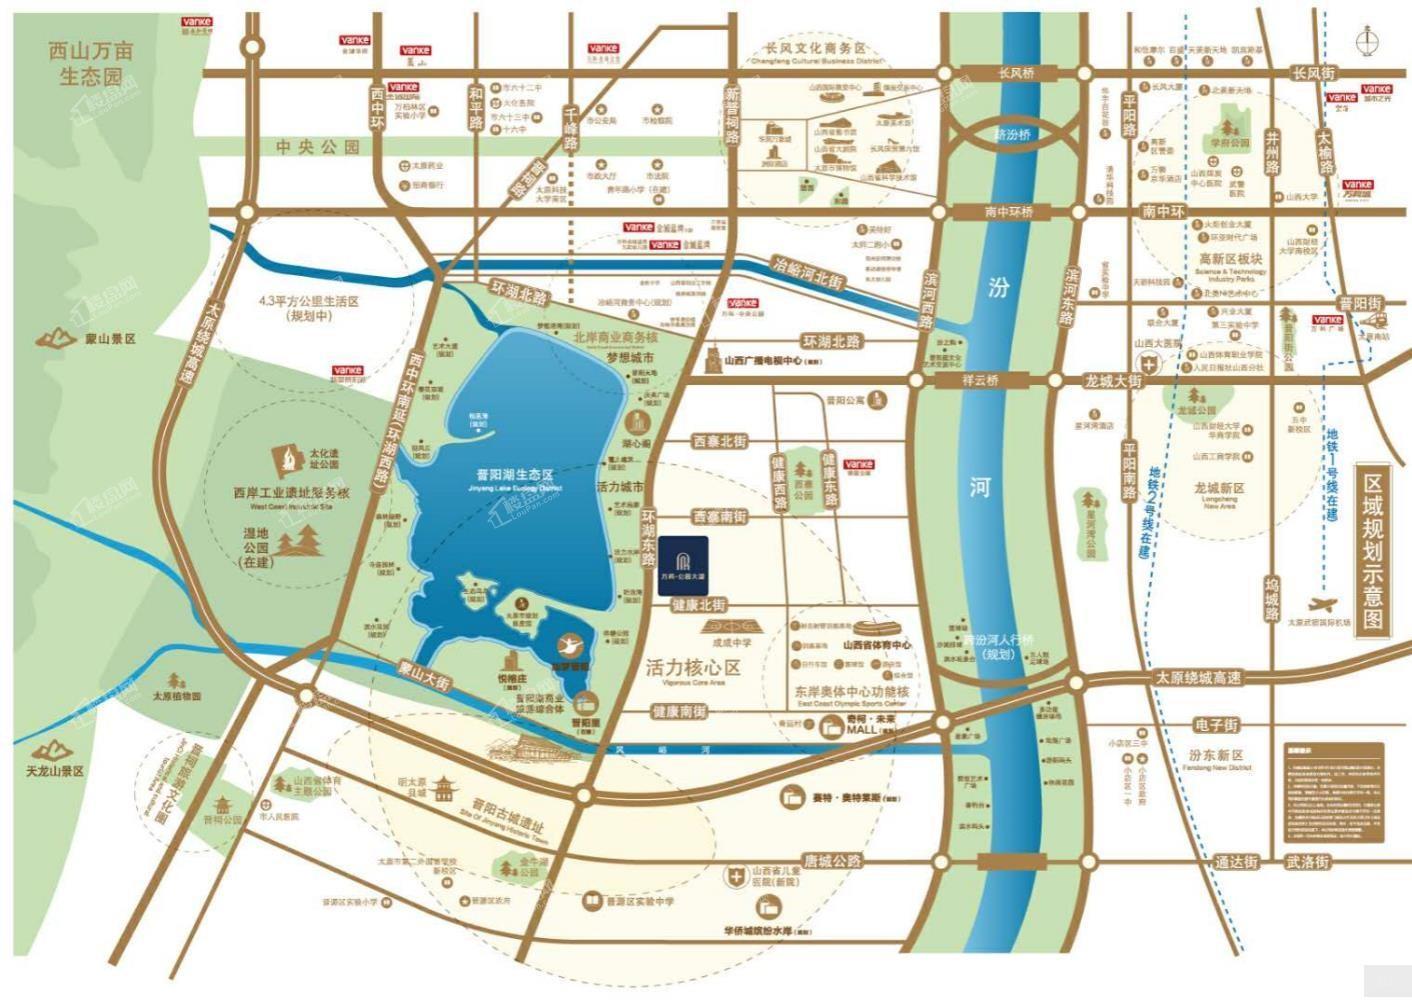 万科公园大道位置图